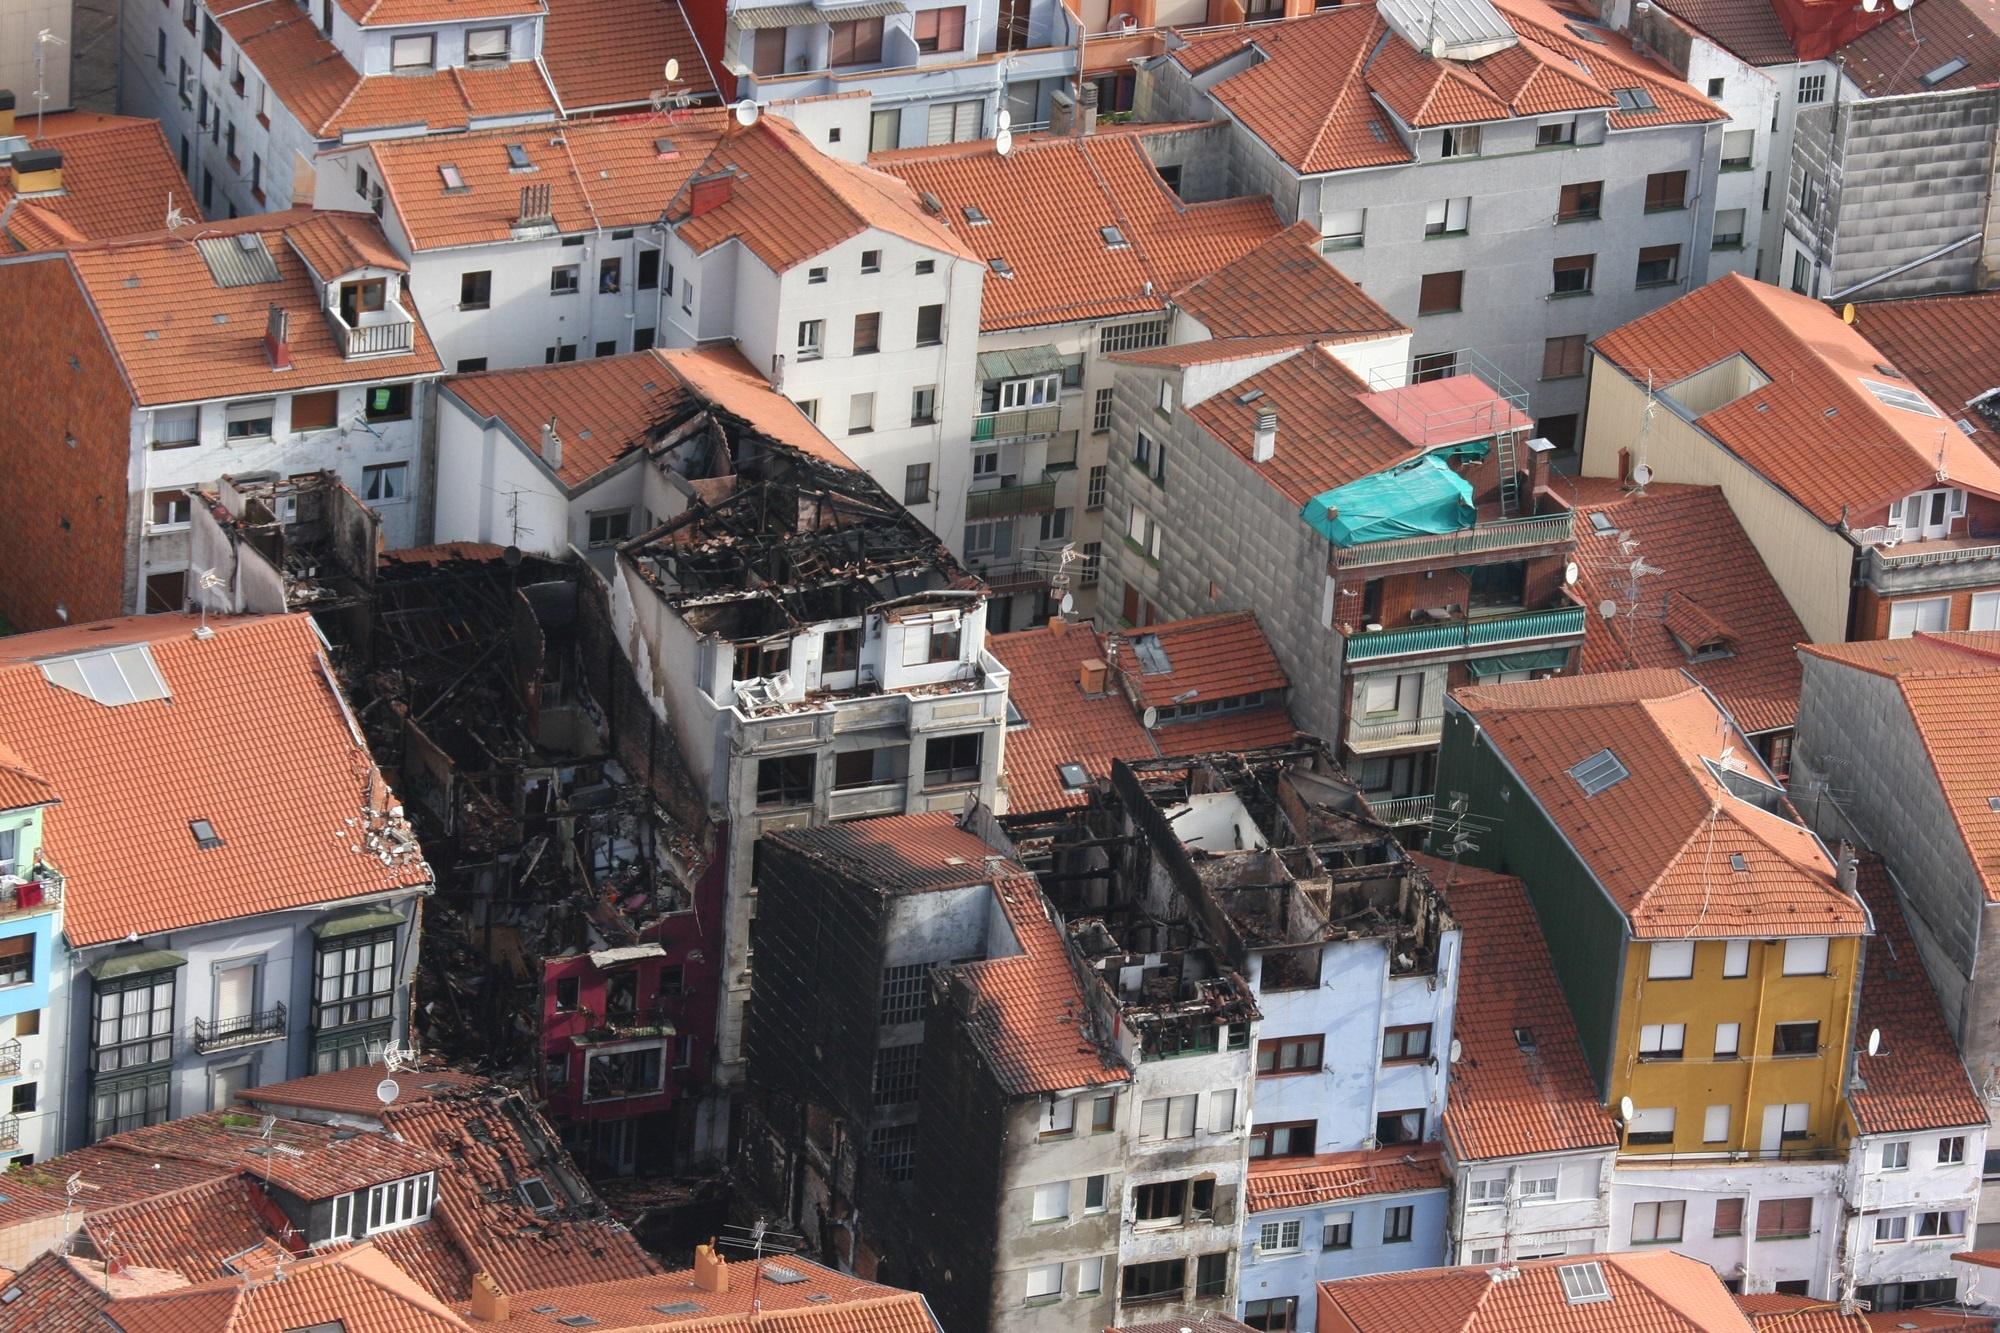 Expertos abordarán en Vitoria la seguridad de edificios ubicados en los centros históricos de los pueblos y ciudades